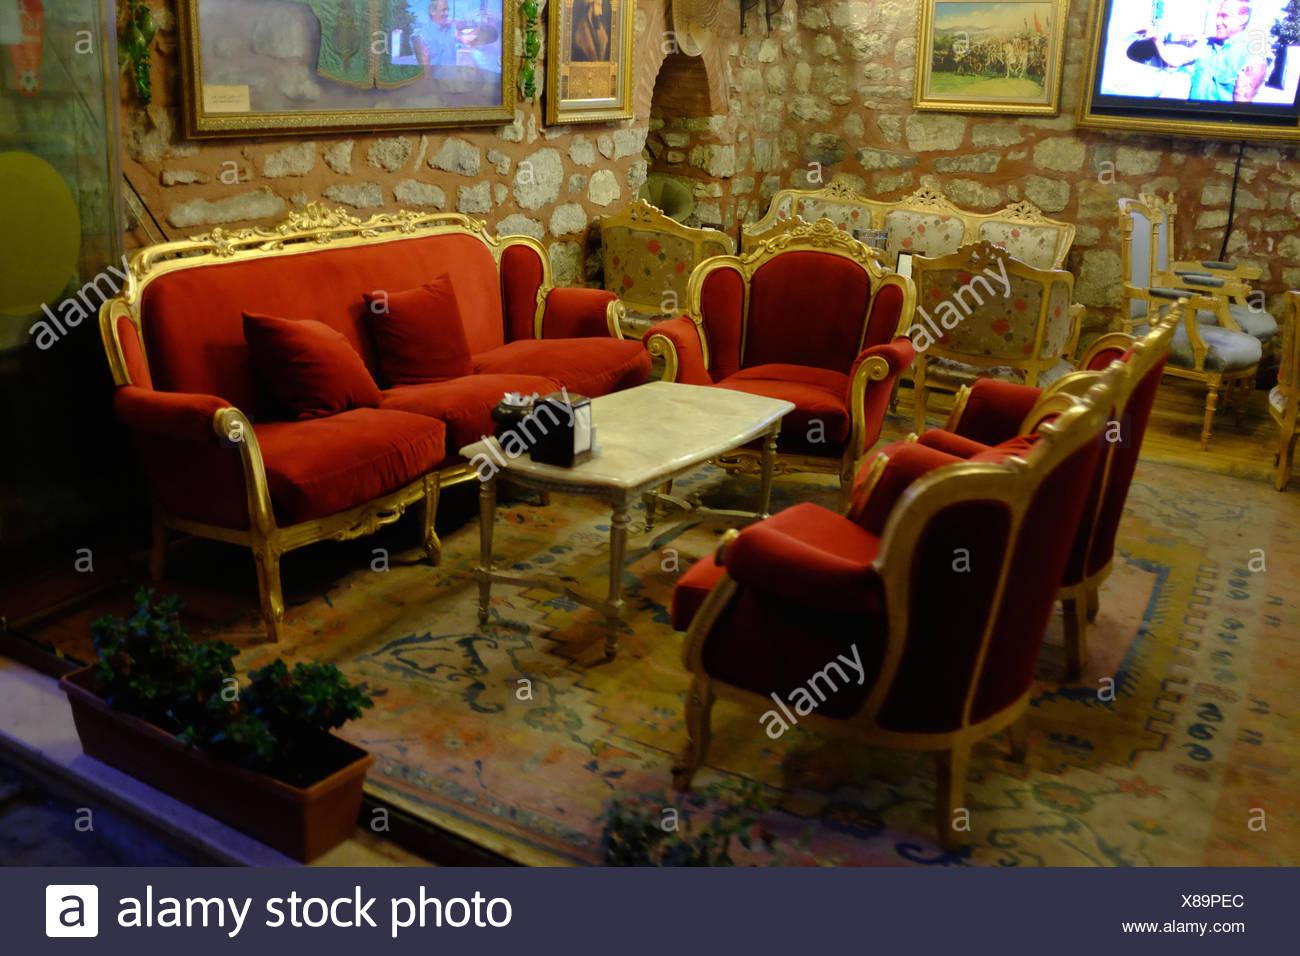 Ein Rotes Sofa Und Sessel Begrüßen Gäste In Einem Coffeeshop In